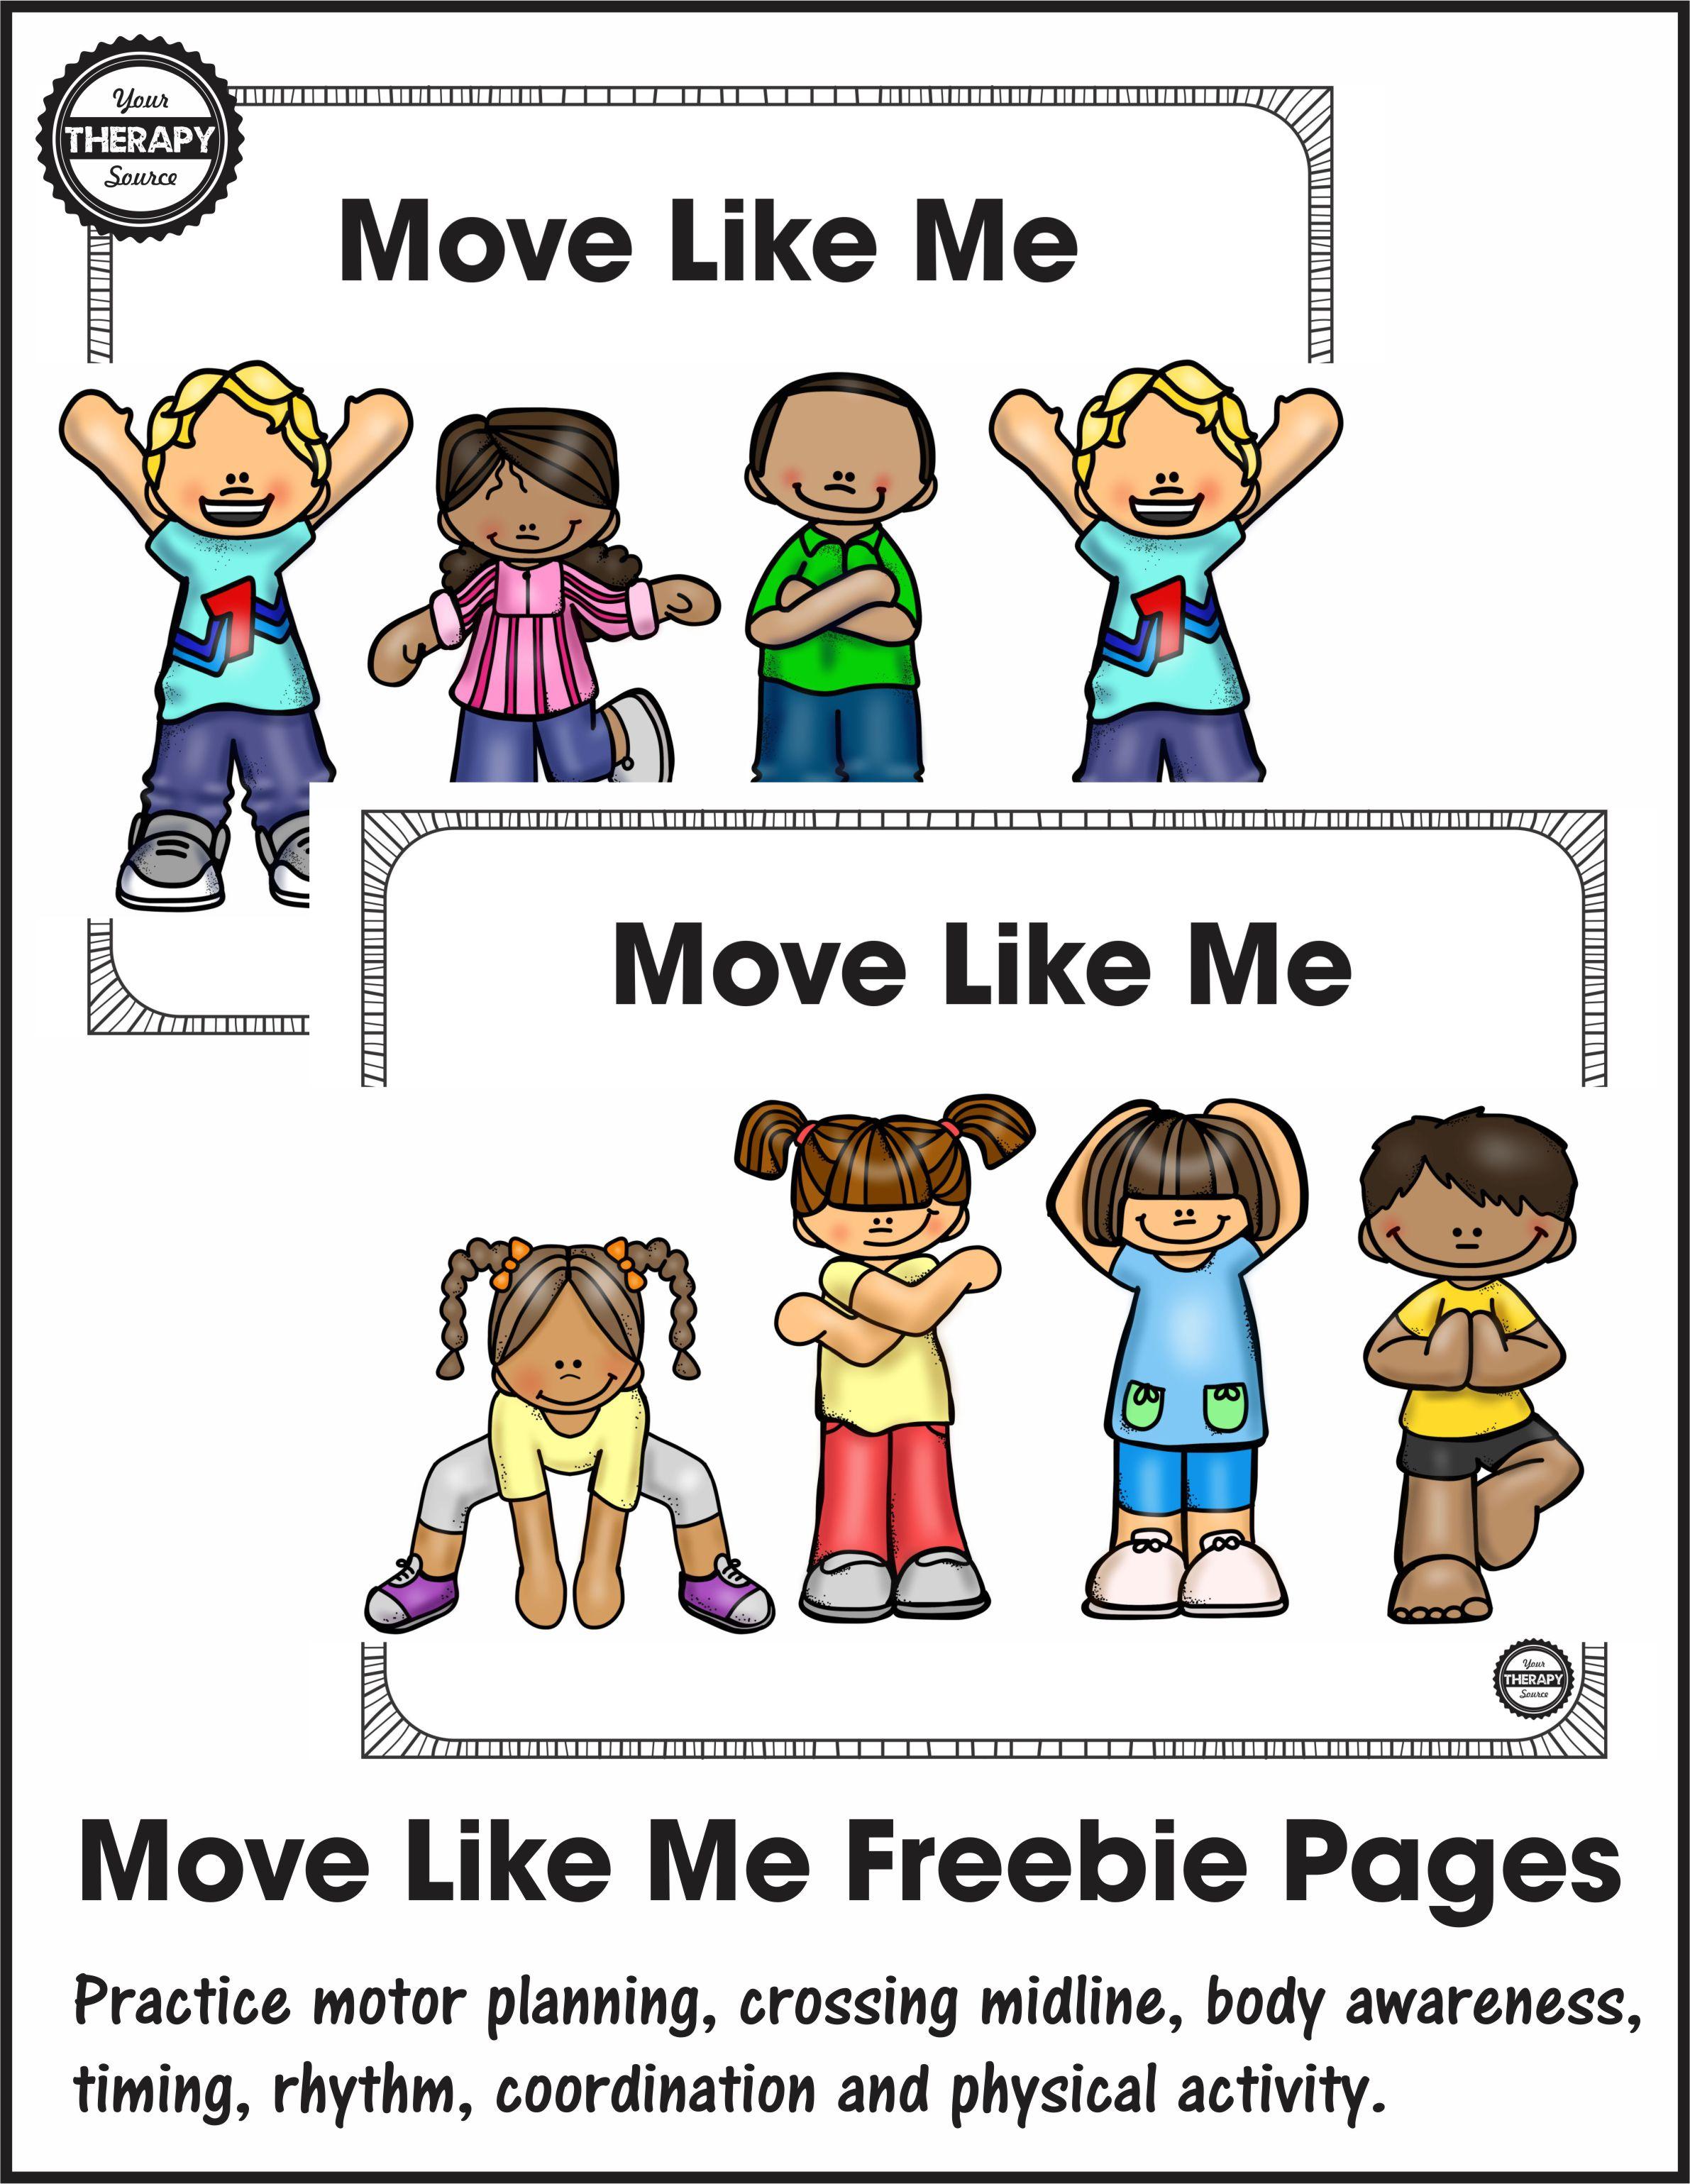 Move Like Me Freebie